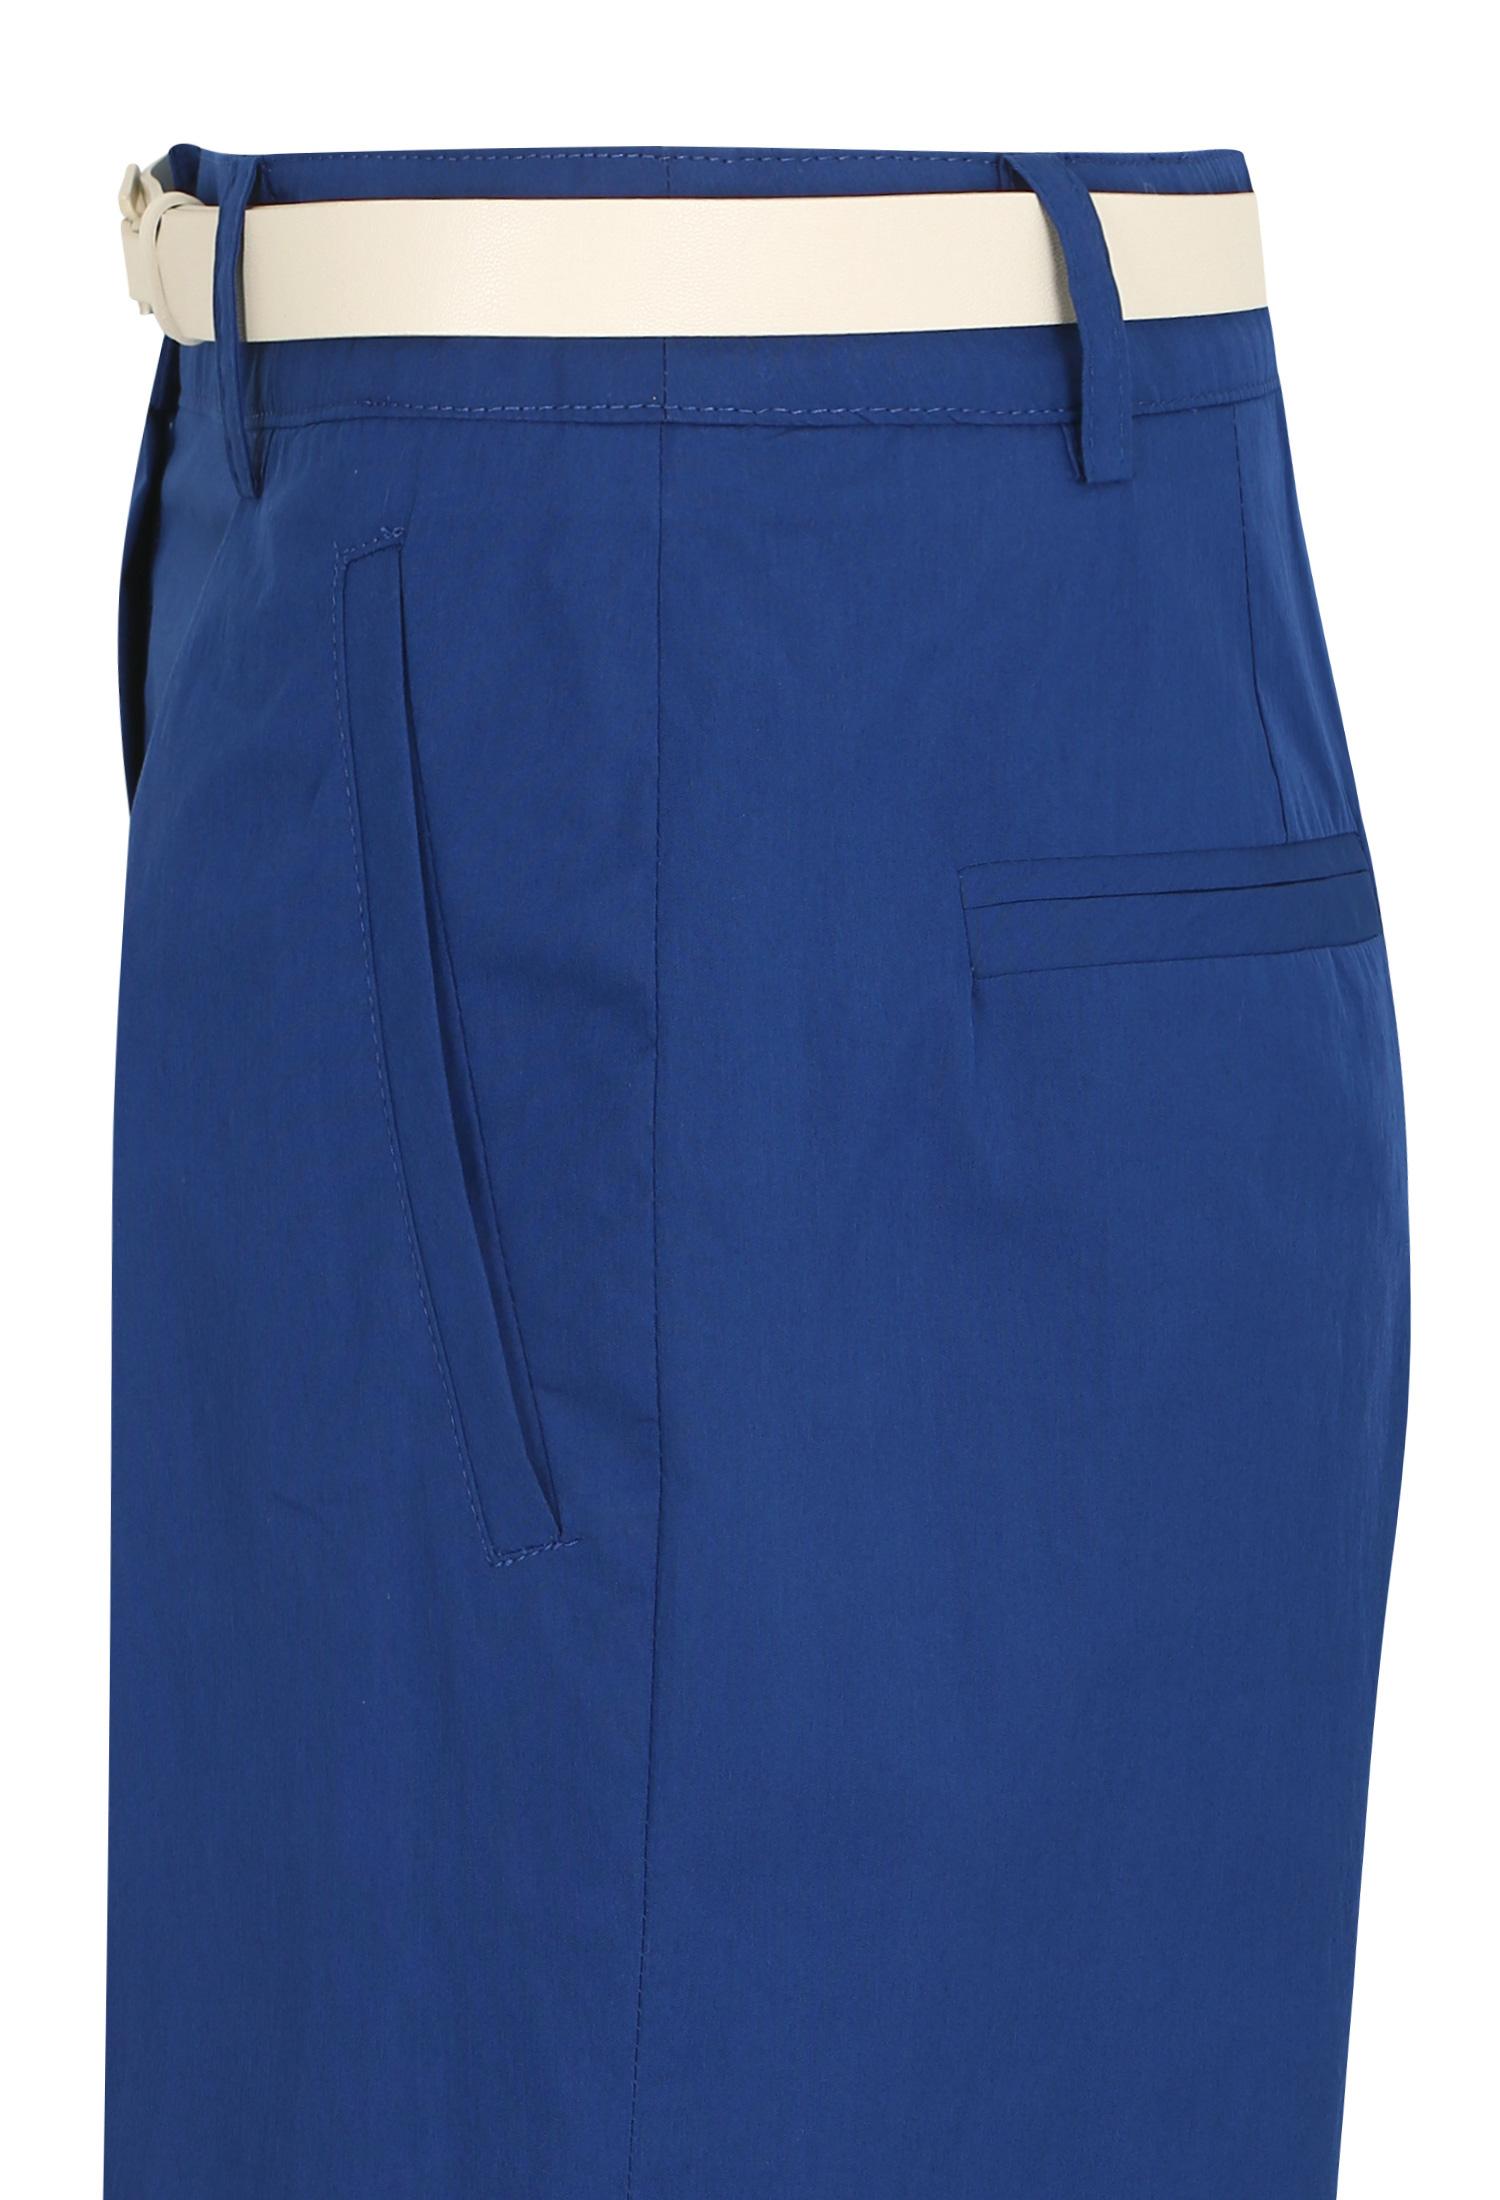 핀턱 스티치 숏 팬츠 (BLUE)